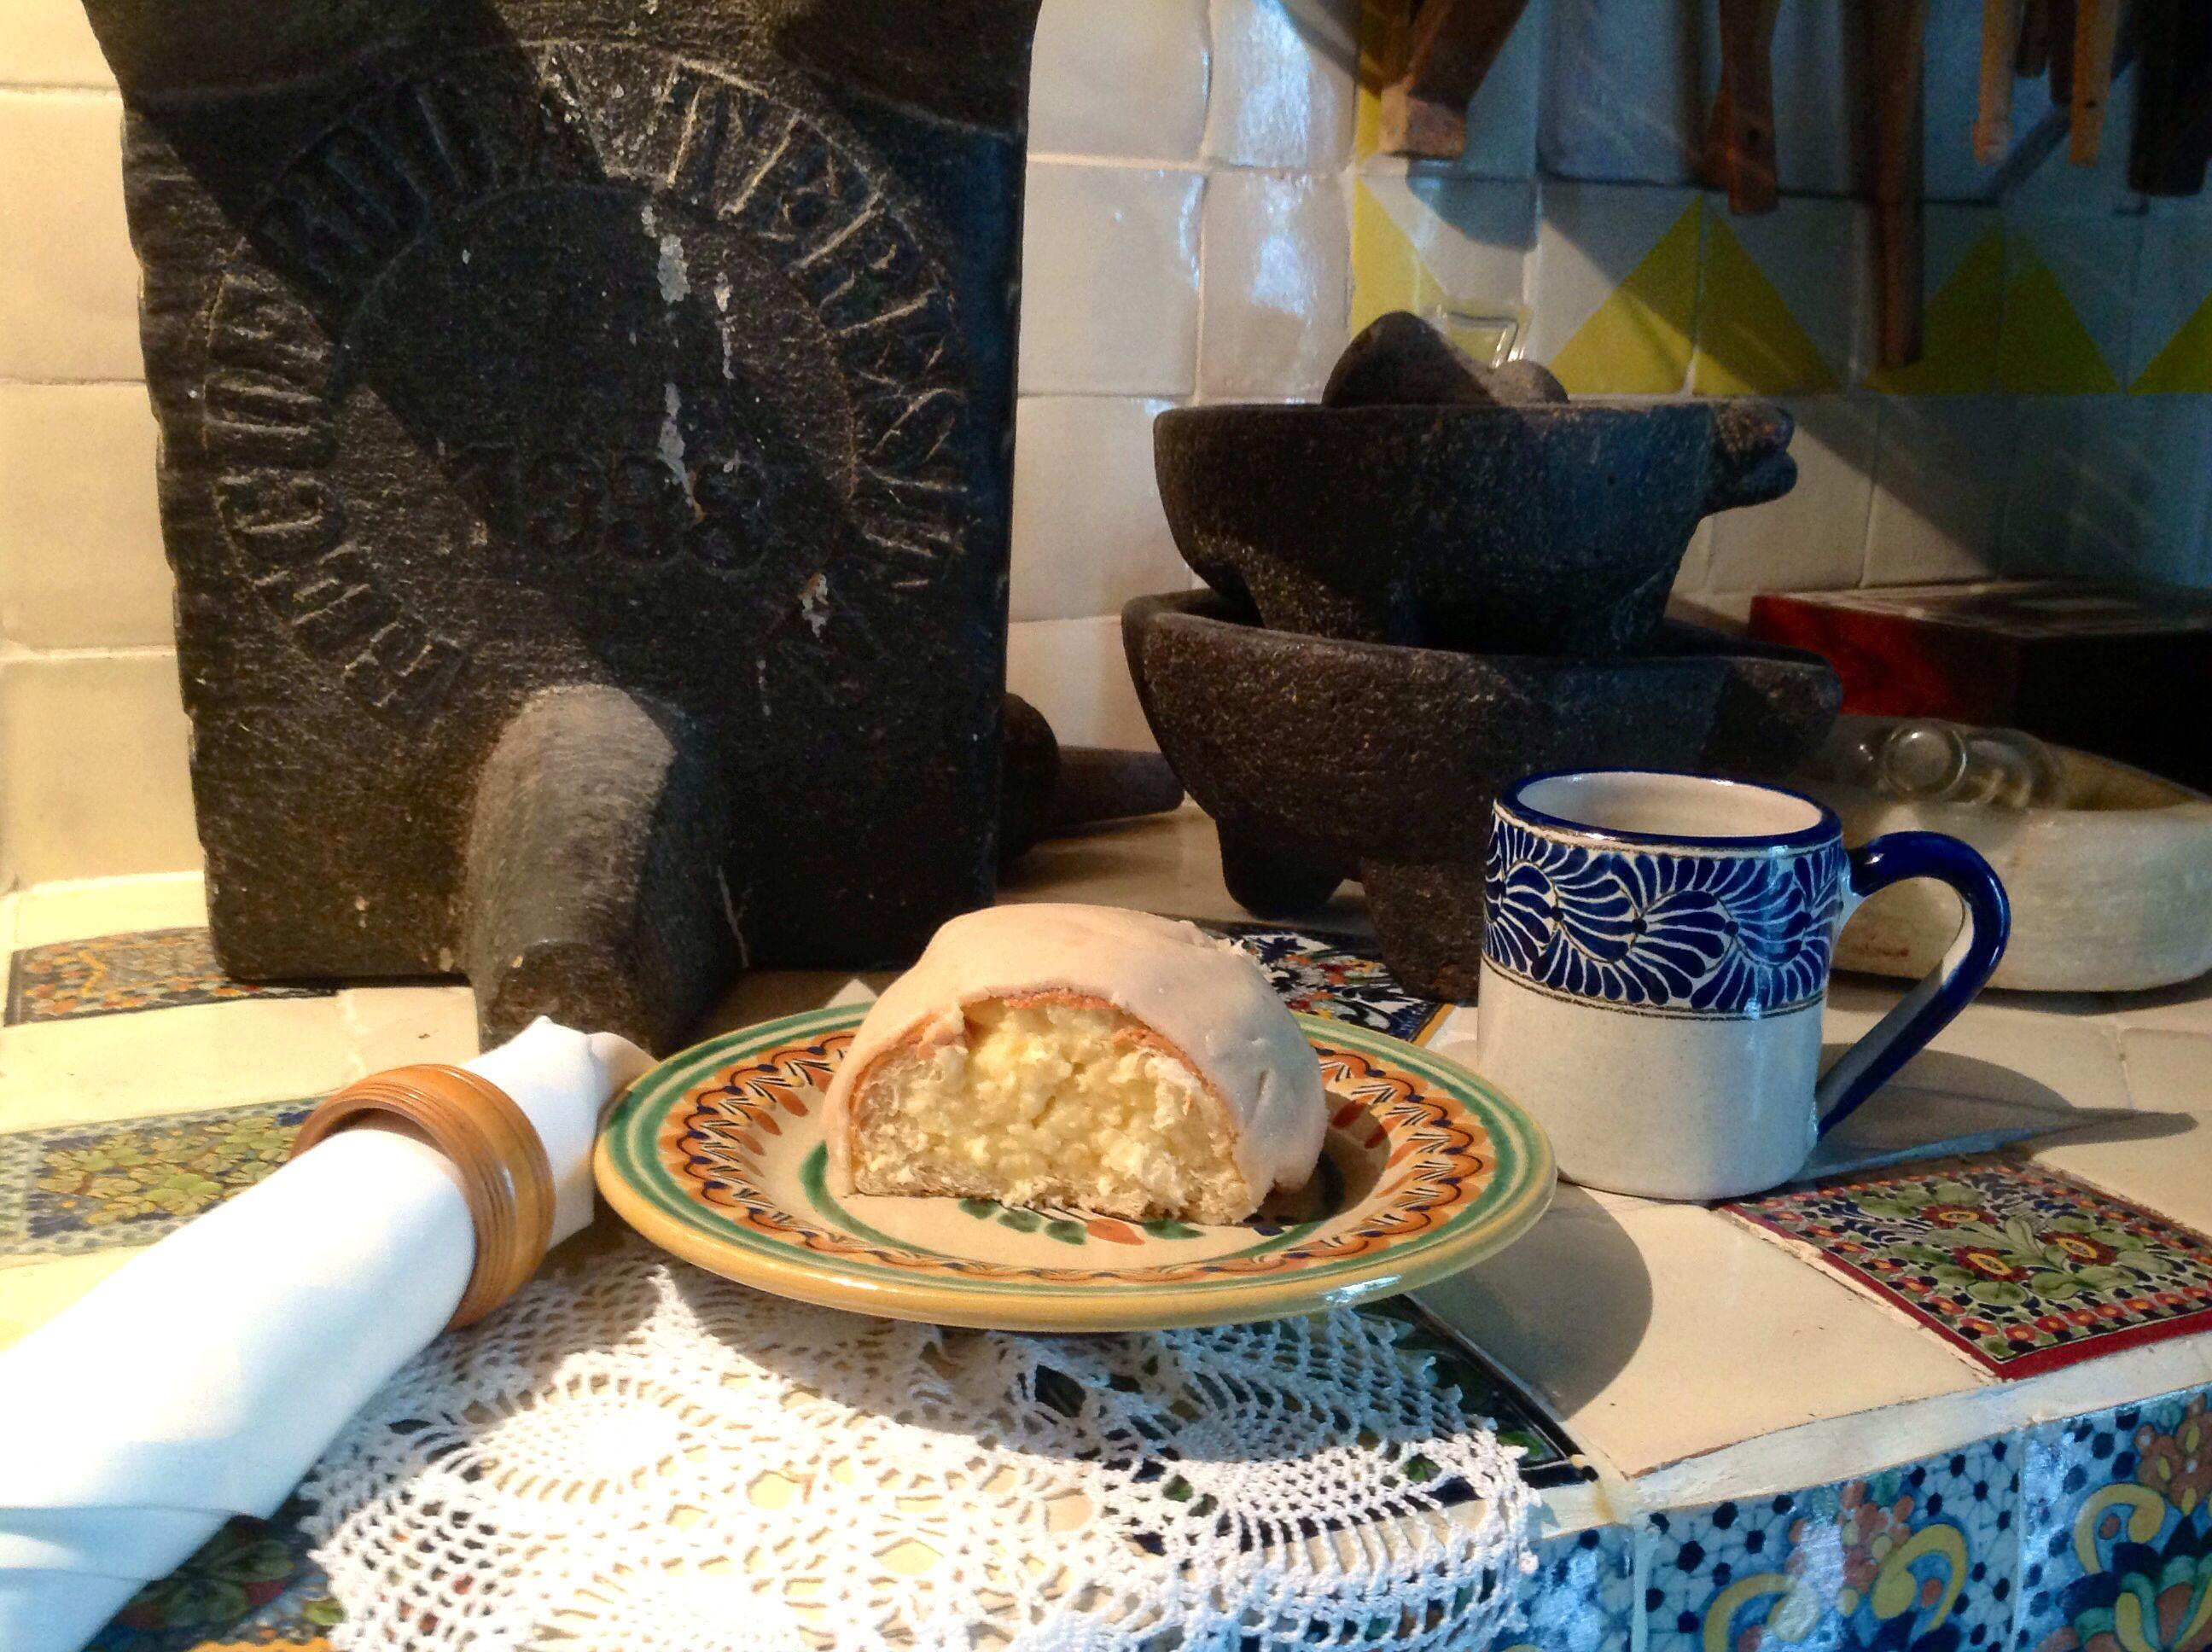 Bizcocho elevado con pulque y cubierto con mazapán de pepita de calabaza - typical Puebla sweet bread, leavened with pulque, La Quinta de San Antonio, Puebla, Mexico.